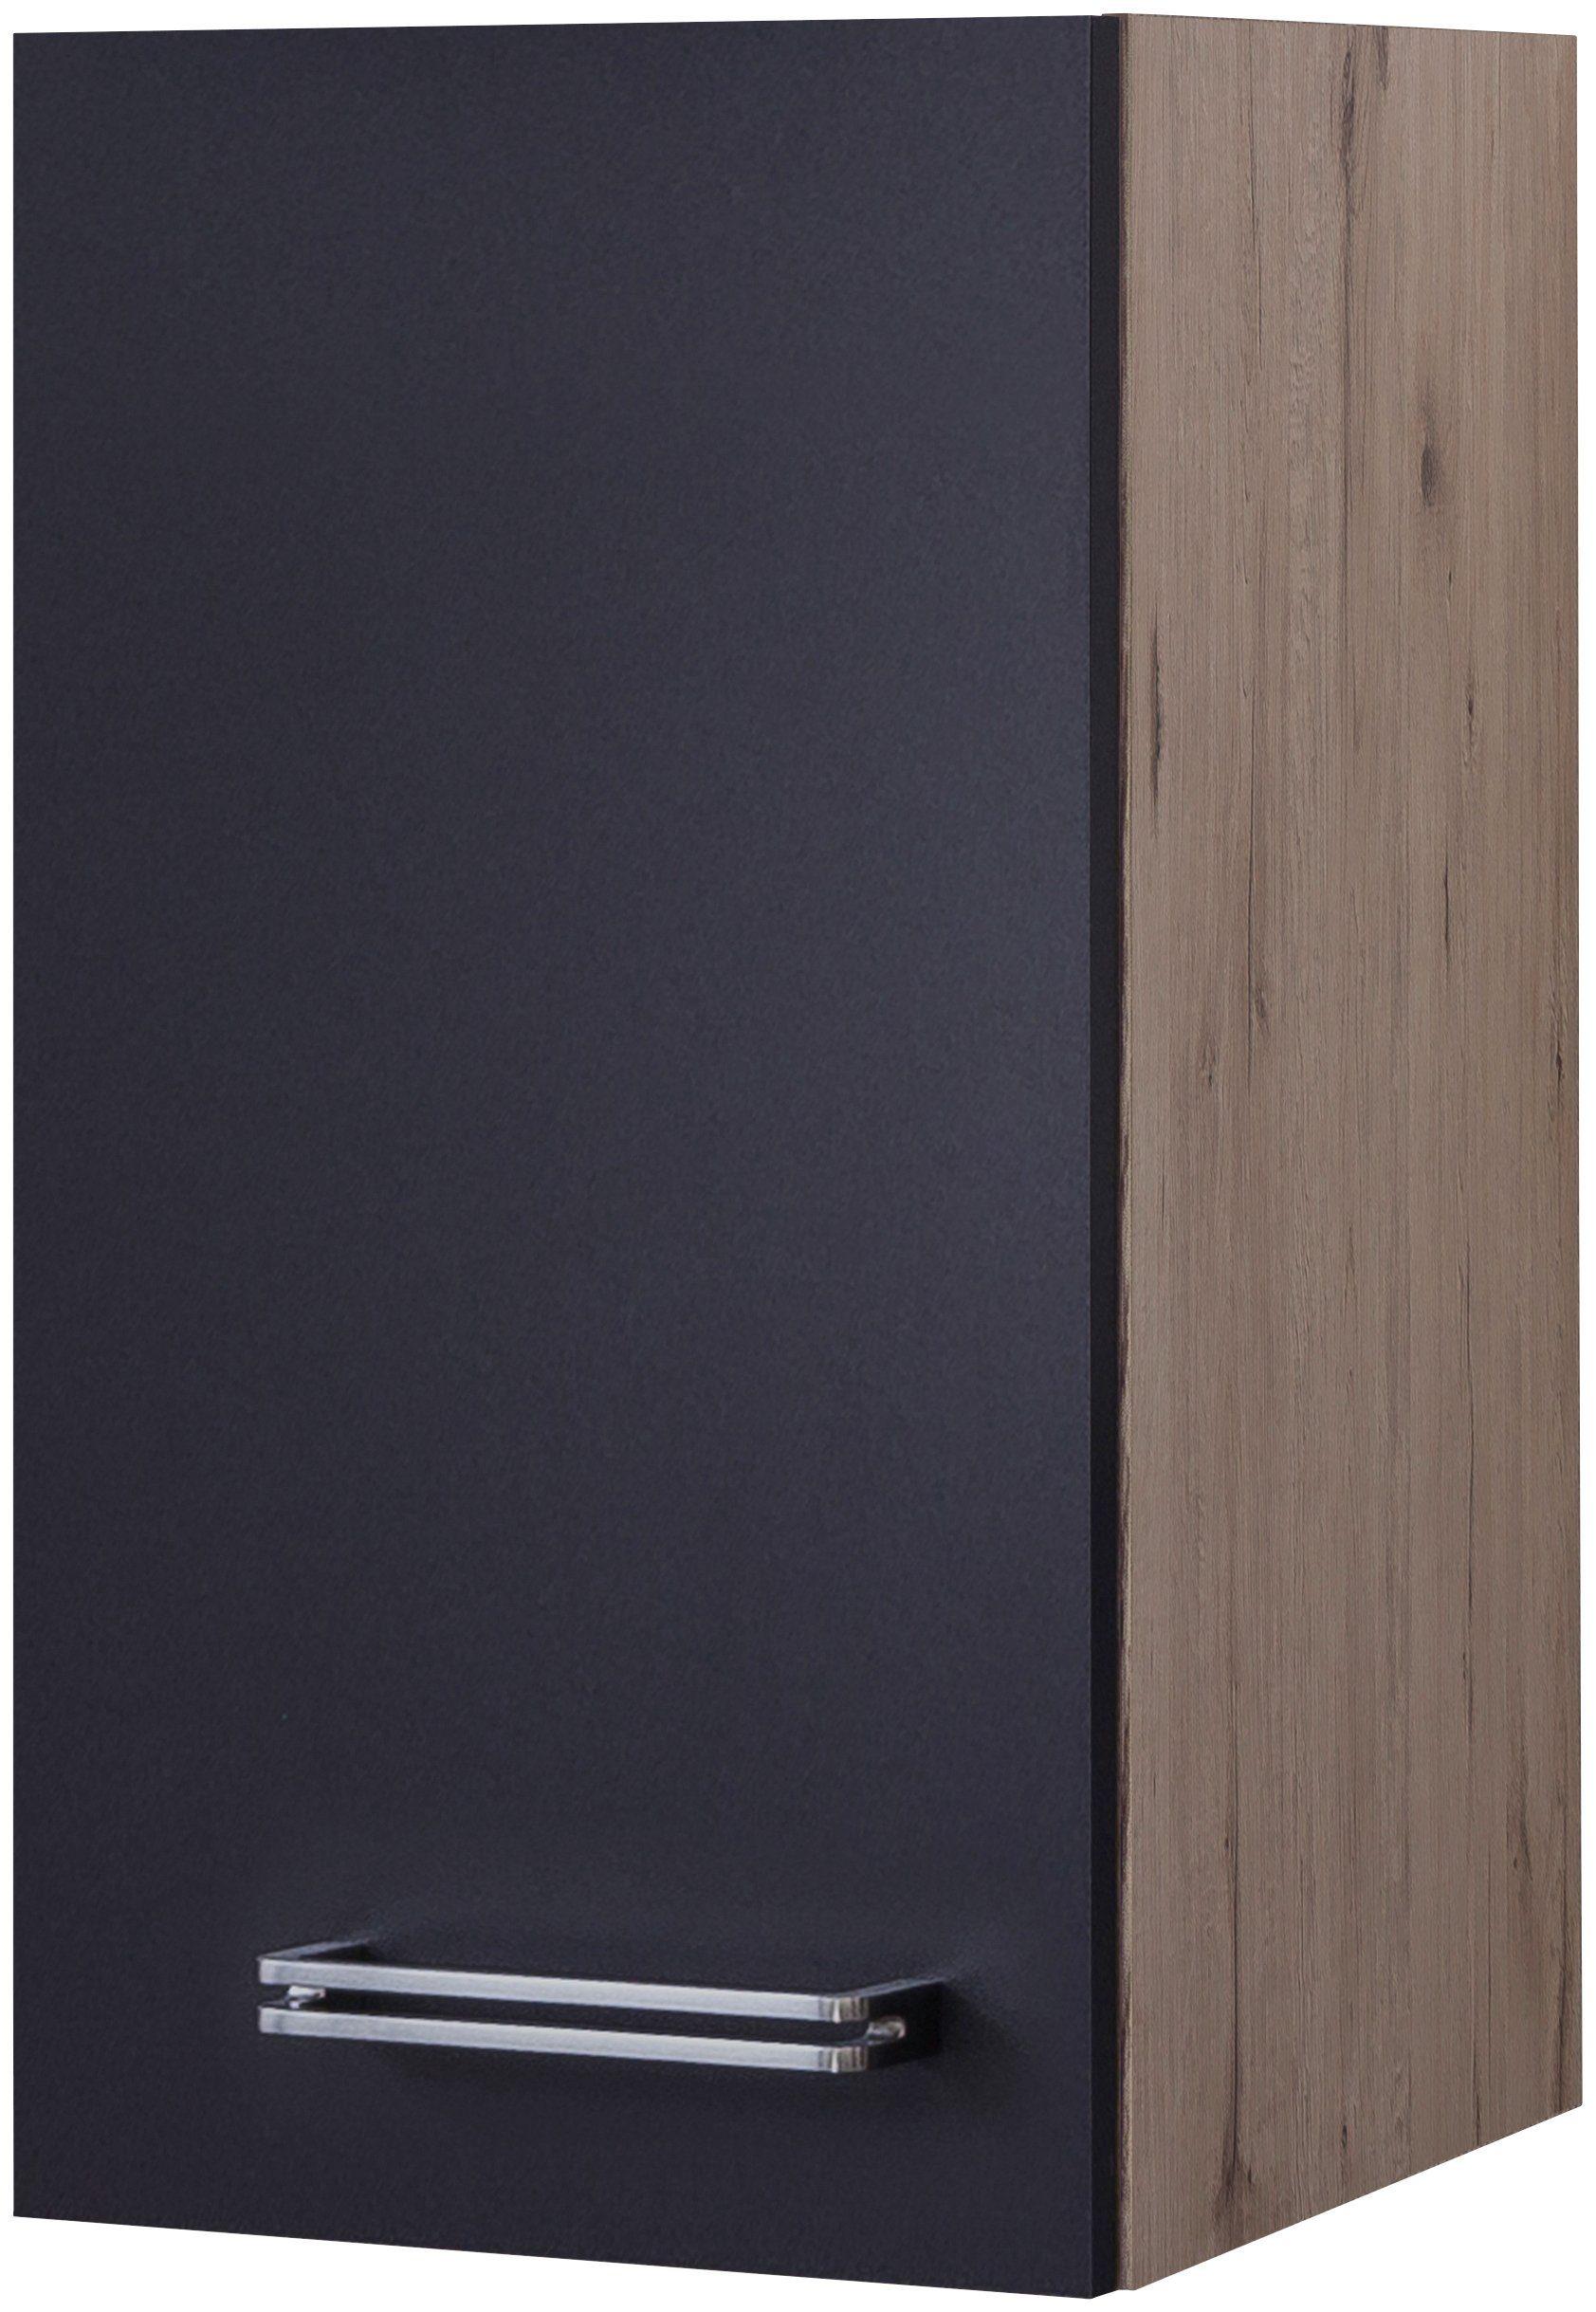 Küchenhängeschrank »Antigua«, Breite 30 cm